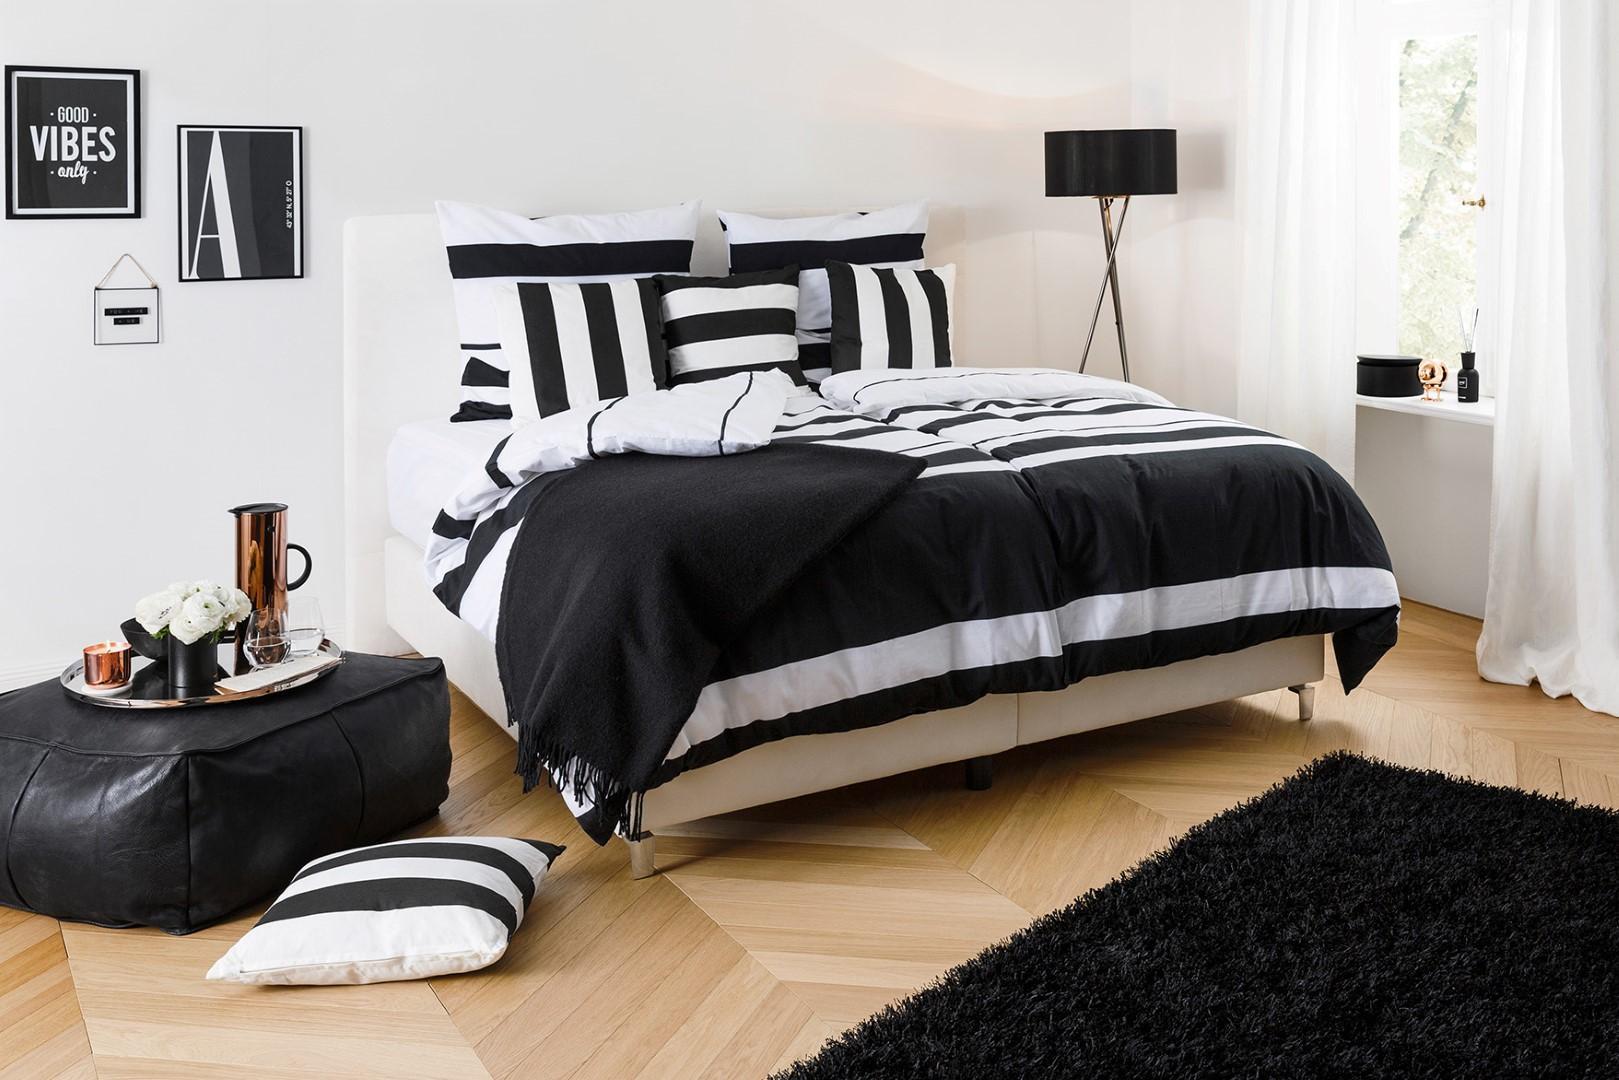 Arredamento rifai il look alla camera da letto tgcom24 for Arredamento letto